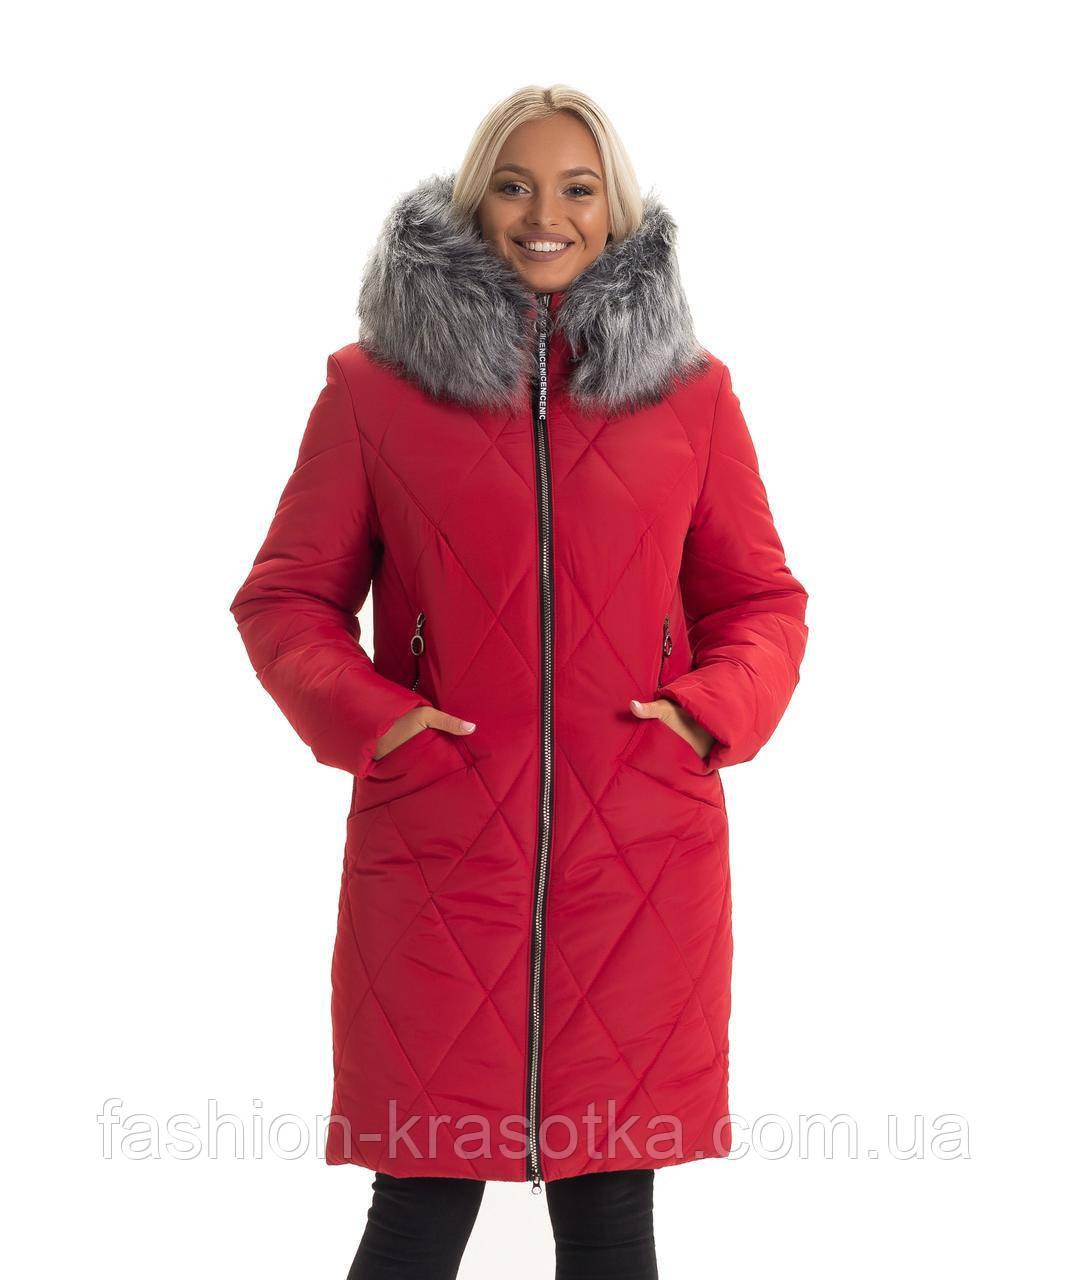 Модная женская куртка красного цвета,мех искусственный,размеры:44-56